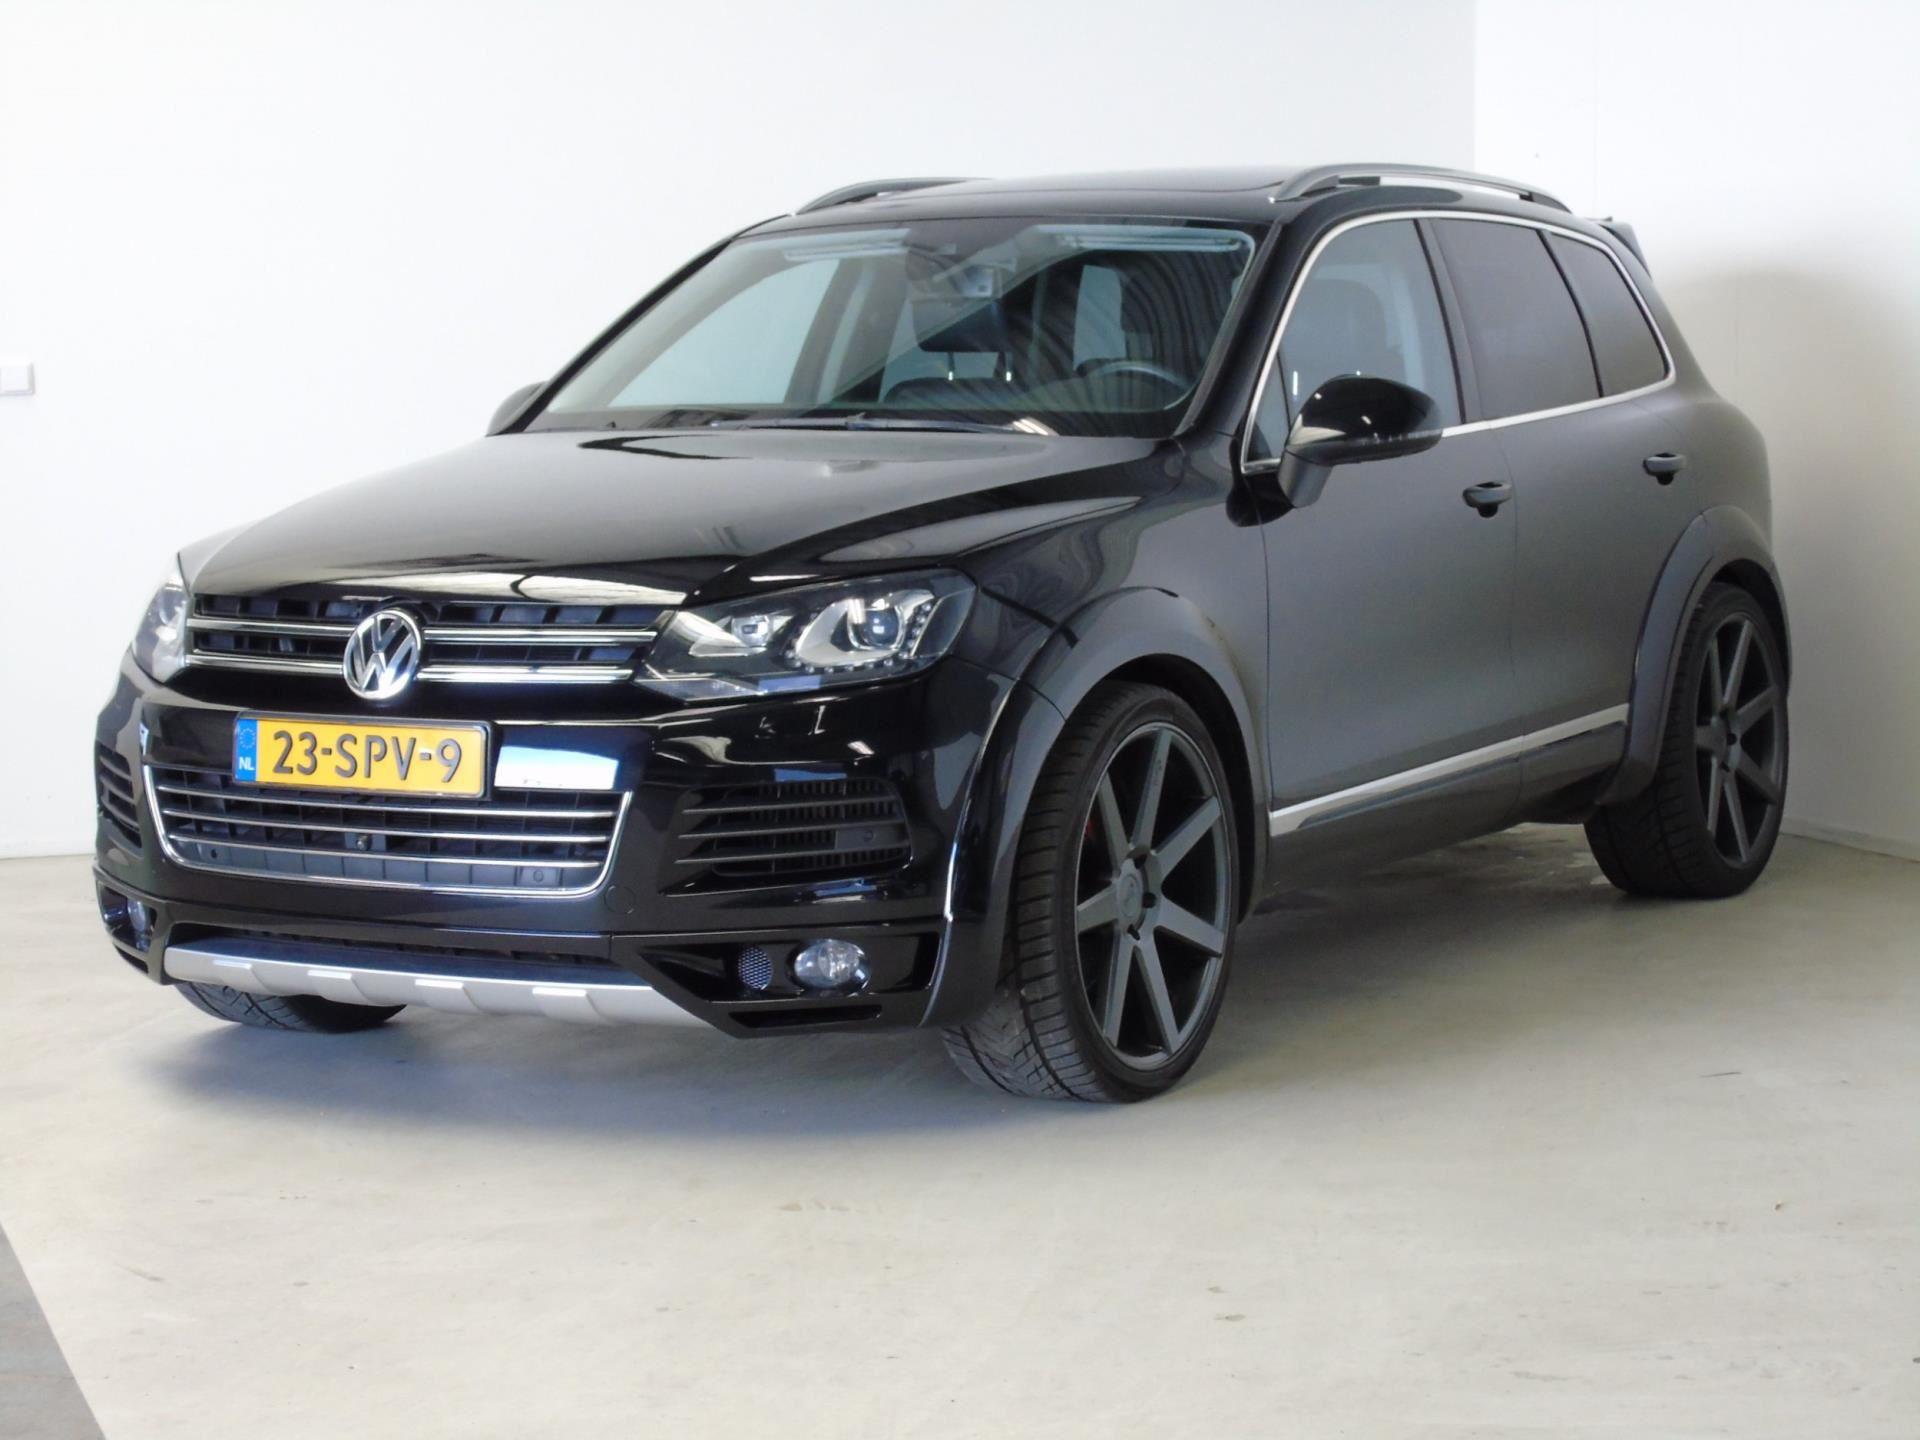 Volkswagen Touareg occasion - van Dijk auto's